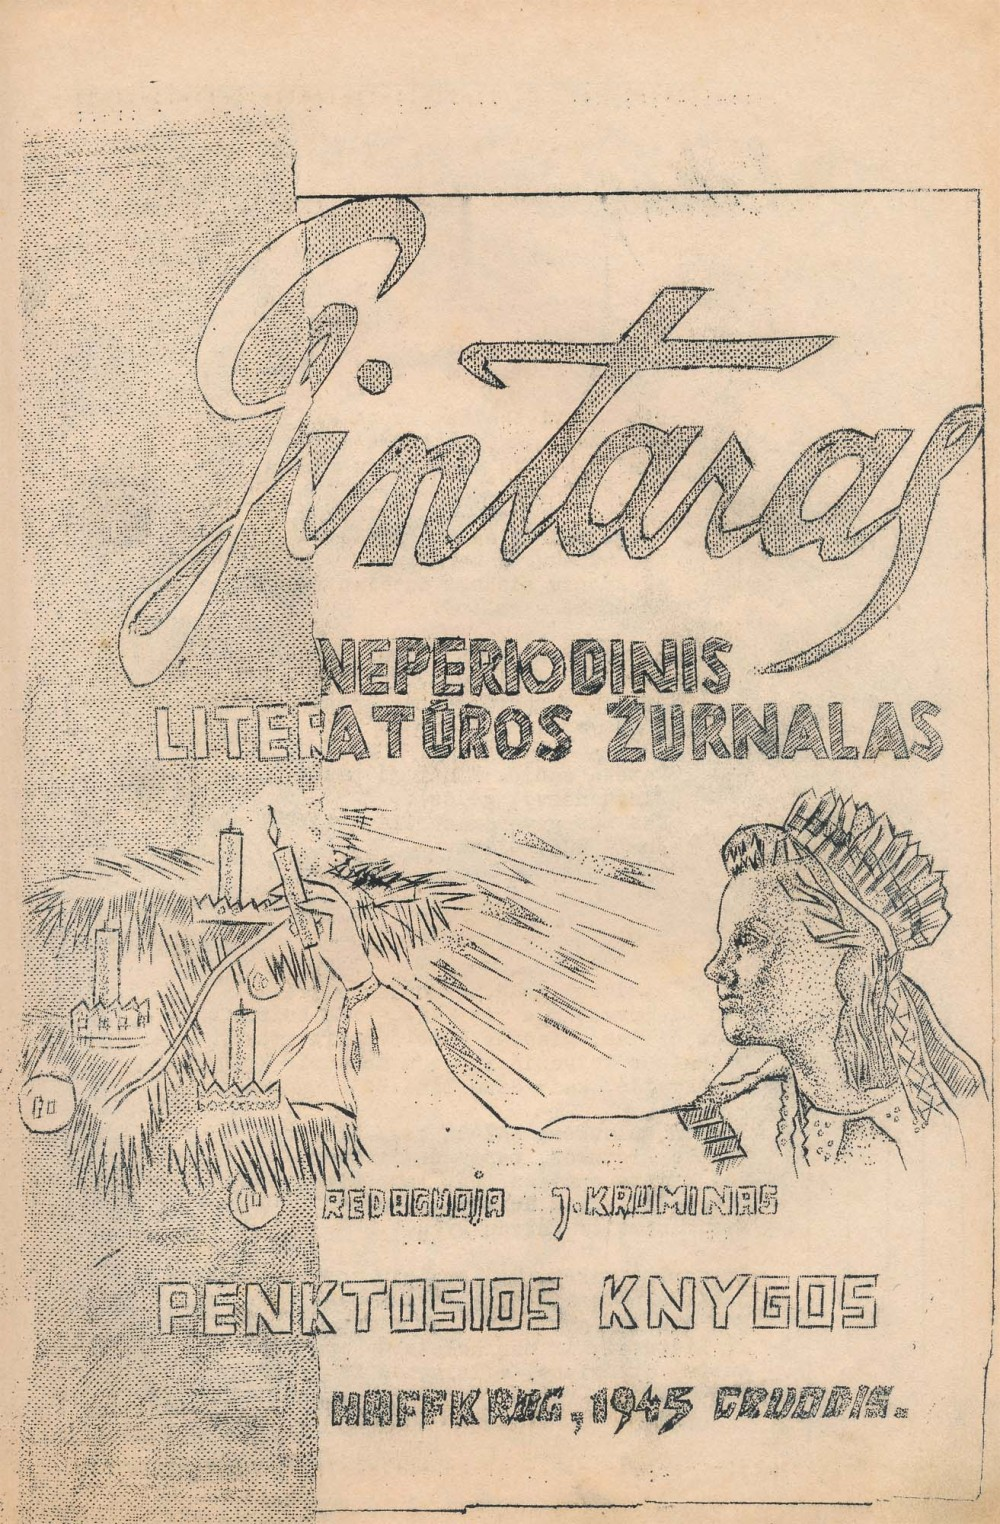 """""""Gintaras"""". Neperiodinis literatūros žurnalas. Redaktorius J. Kruminas. Hafkrugas (Vokietija). 1945 m."""